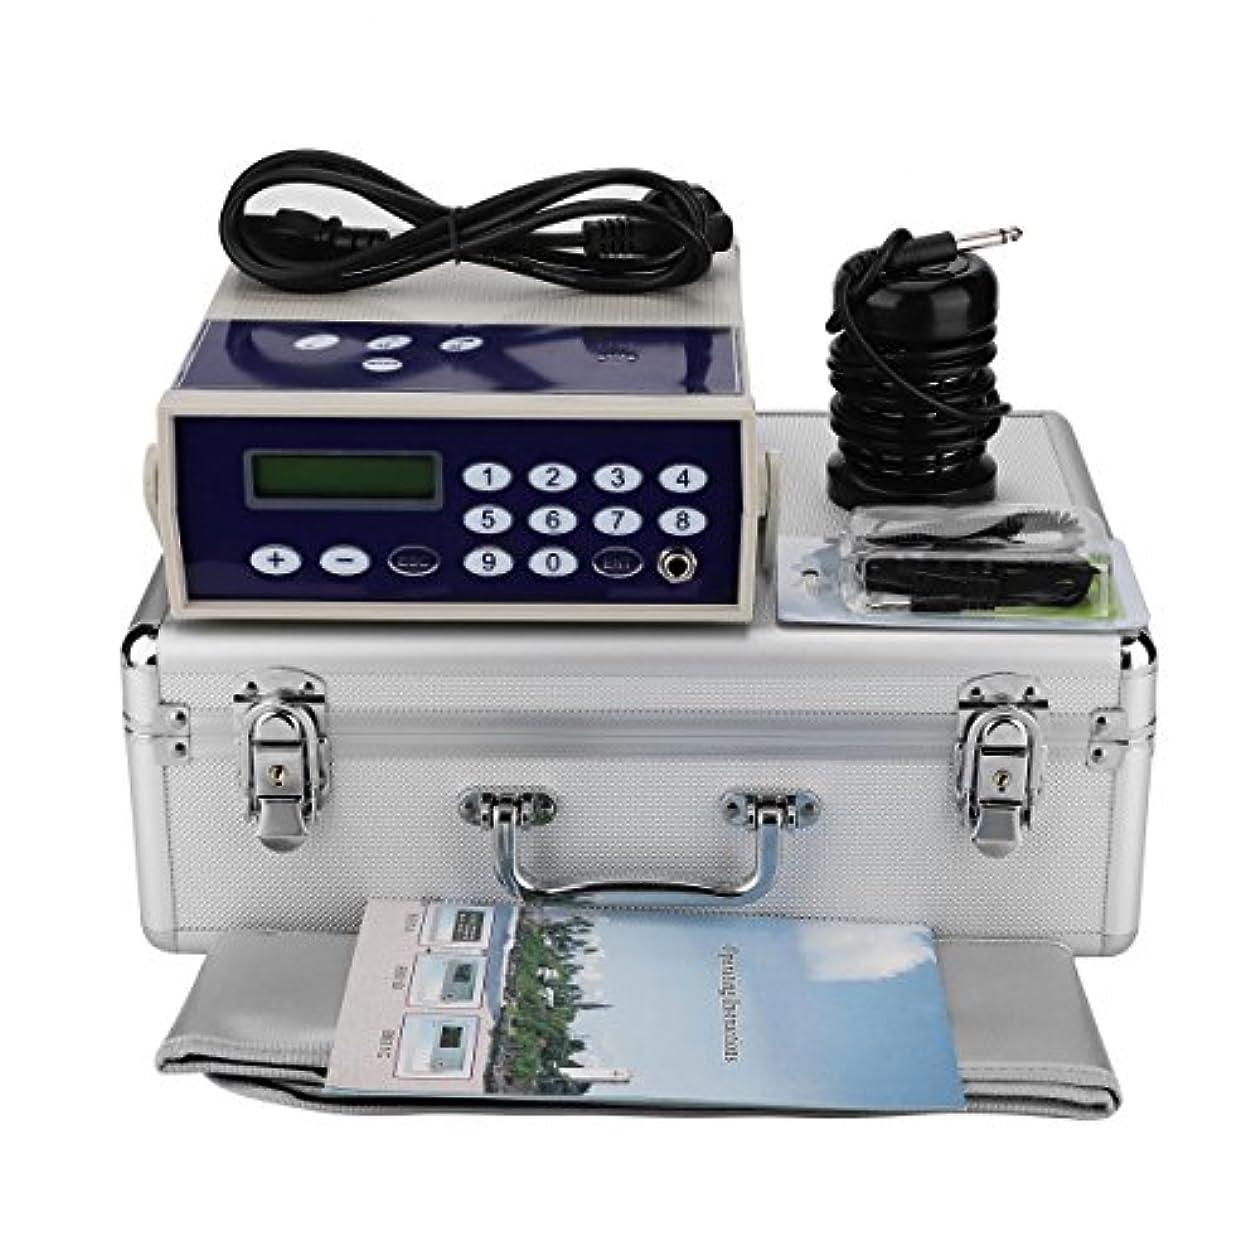 エンコミウム国際発疹イオンフットバスデトックスマシン、プロフェッショナルイオンイオンアレイボディデトックスマシンスパ赤外線腰ベルトで浄化(110-220V)